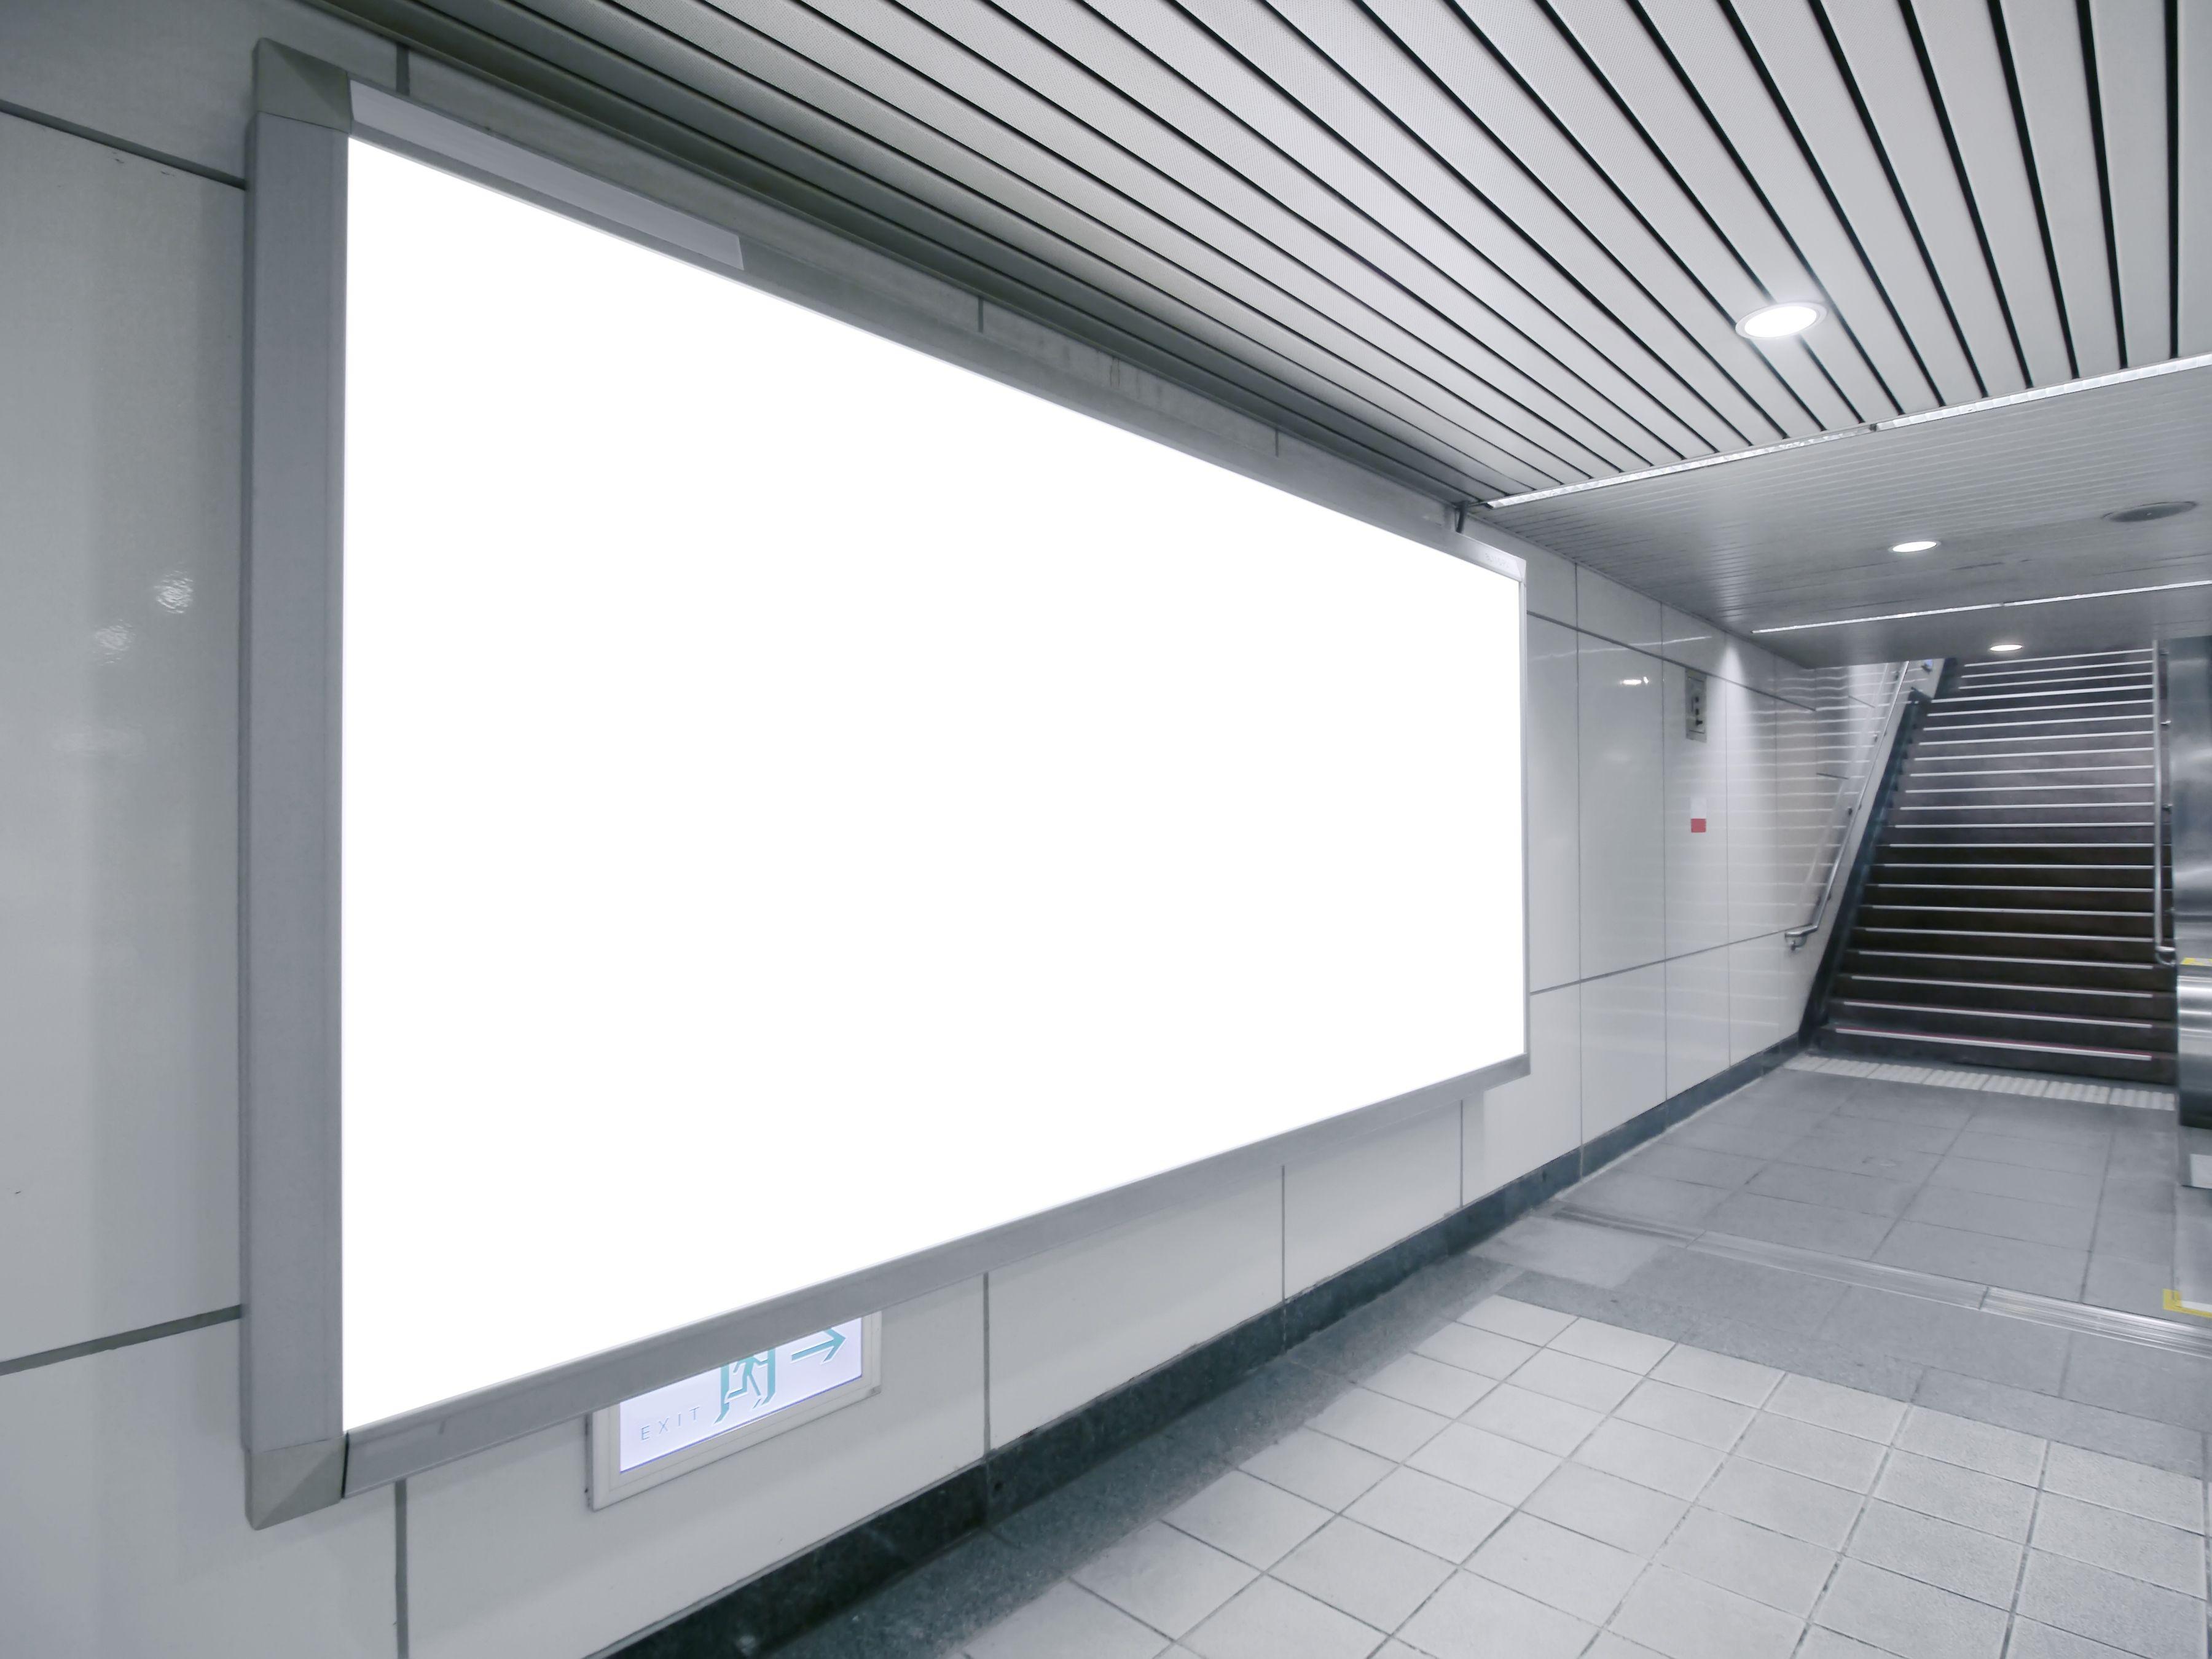 Venta e instalación de Vídeo Pantallas LED Multimedia : Productos y servicios de Osan Iluminación